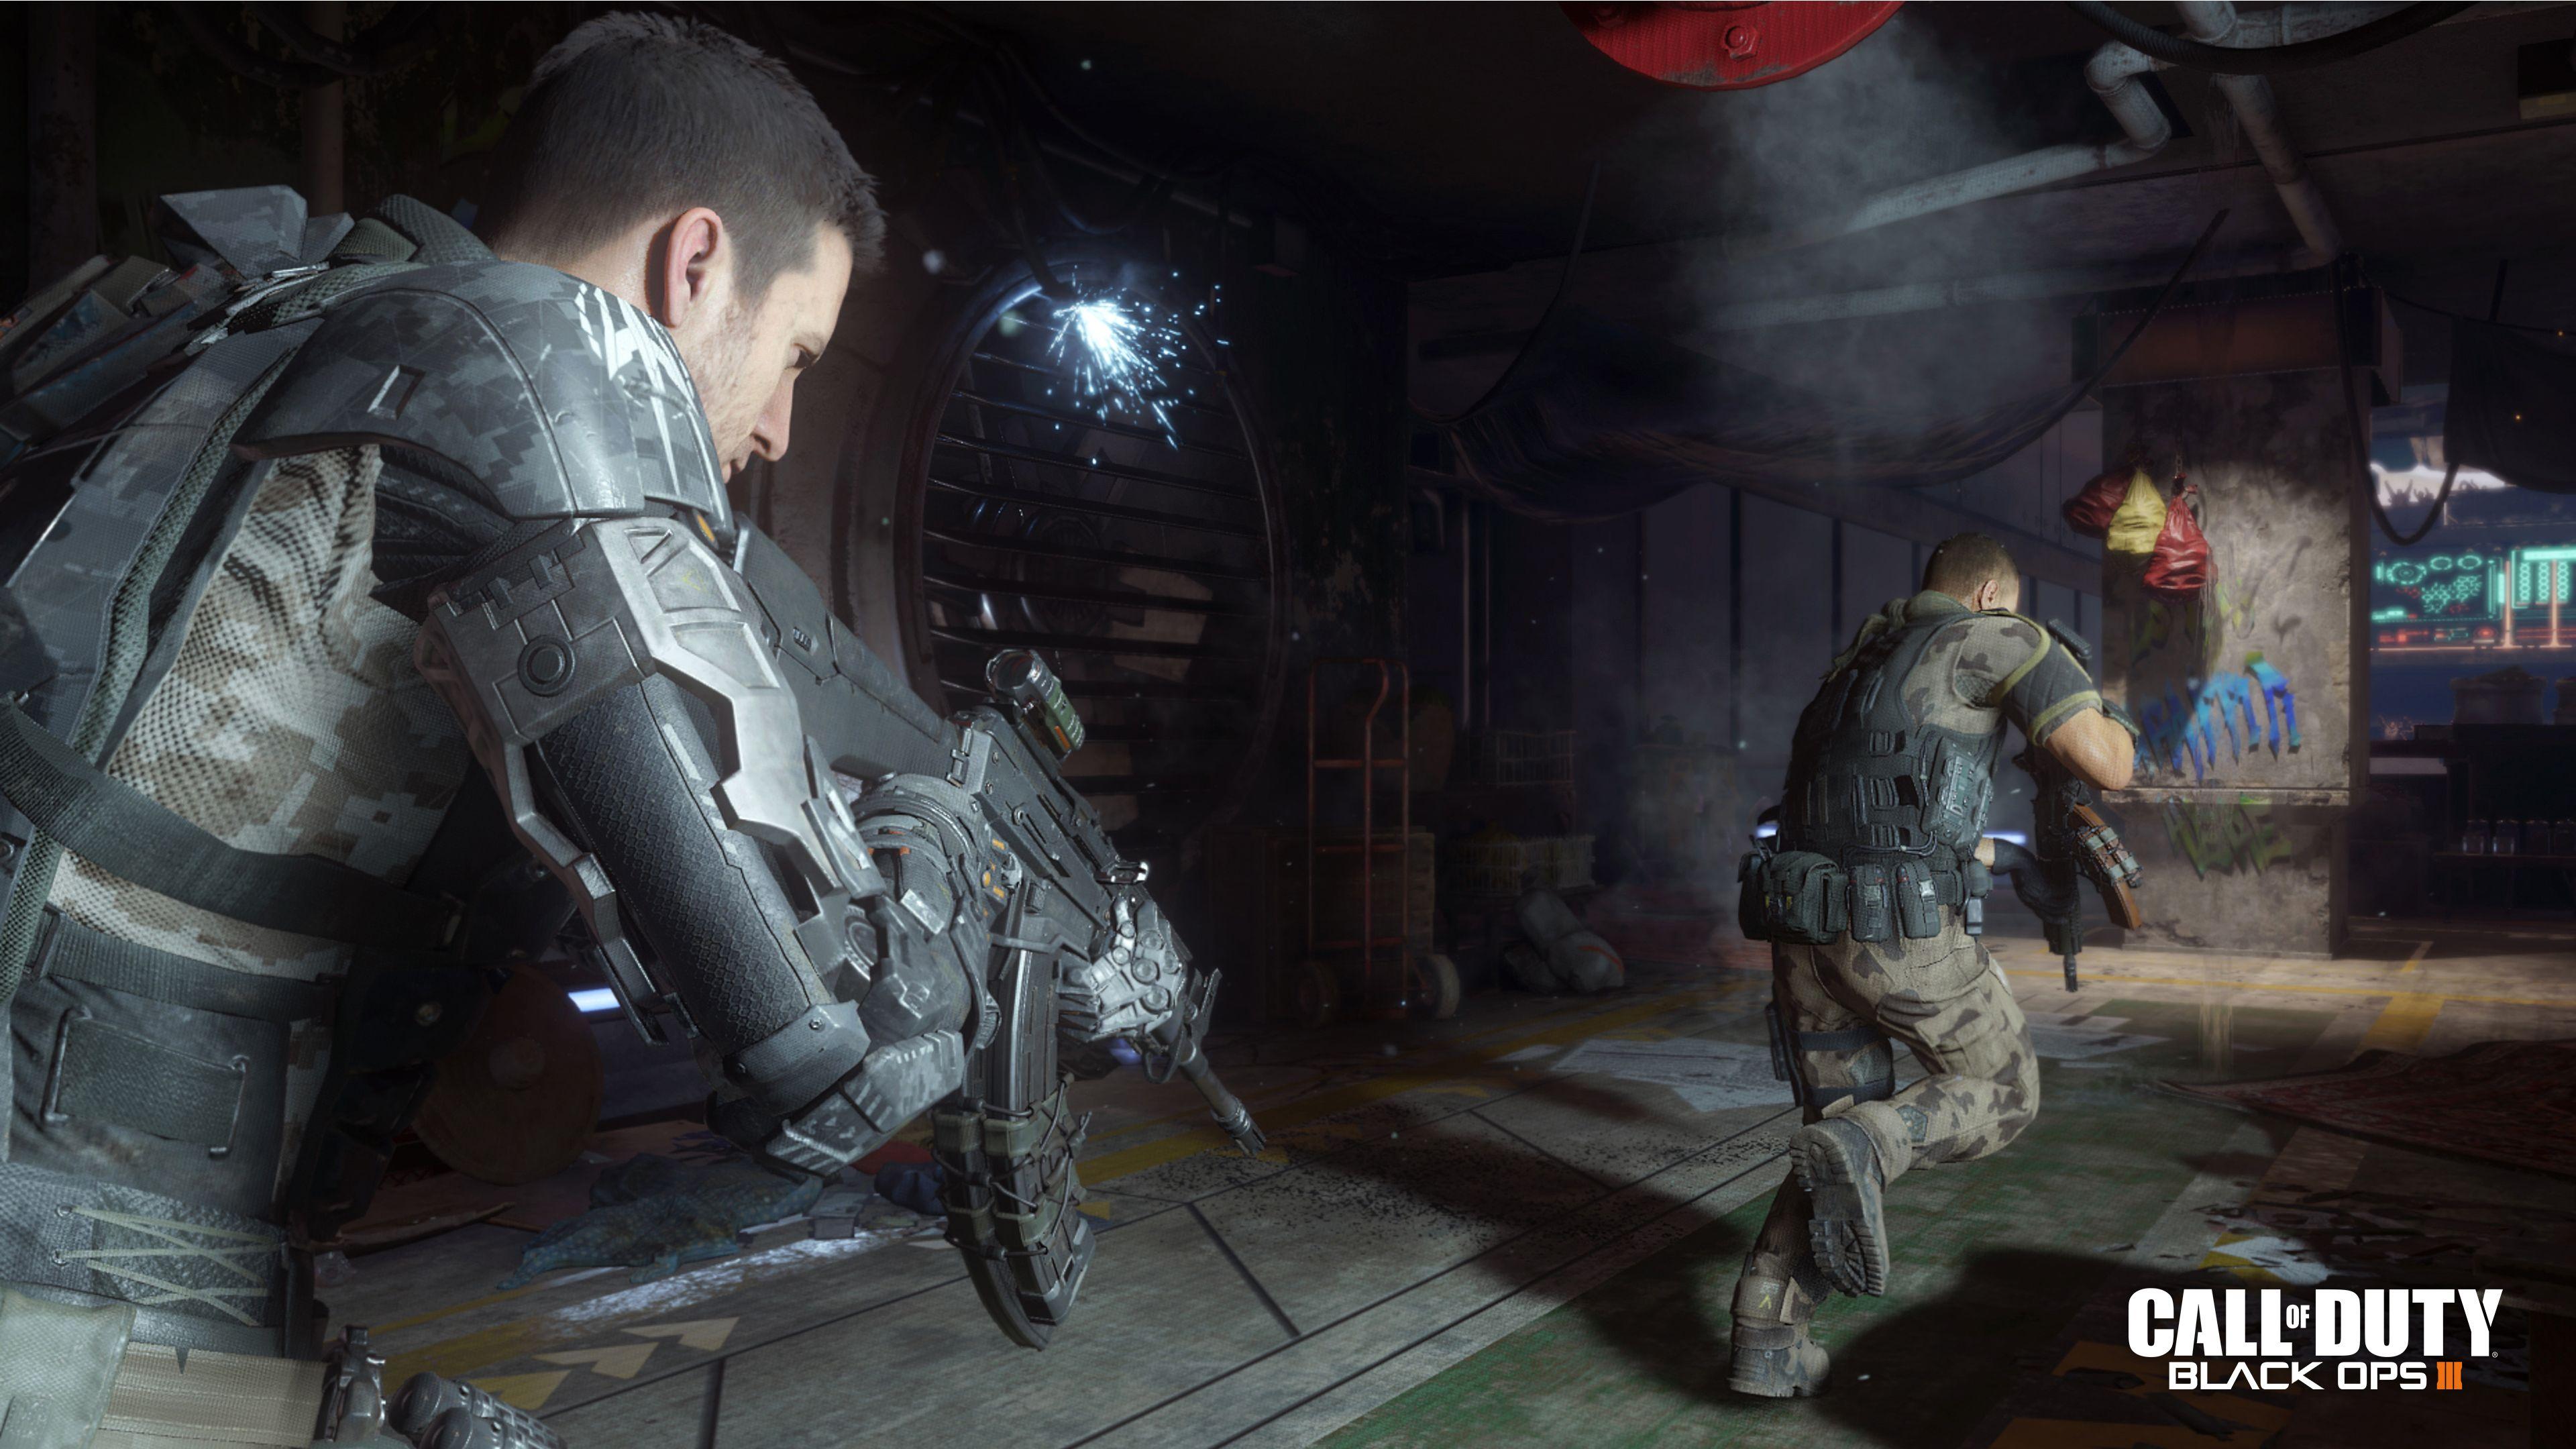 PC verze Call of Duty: Black Ops 3 určitě zahrne dedikované servery, pochlubí se i split screenem 112492